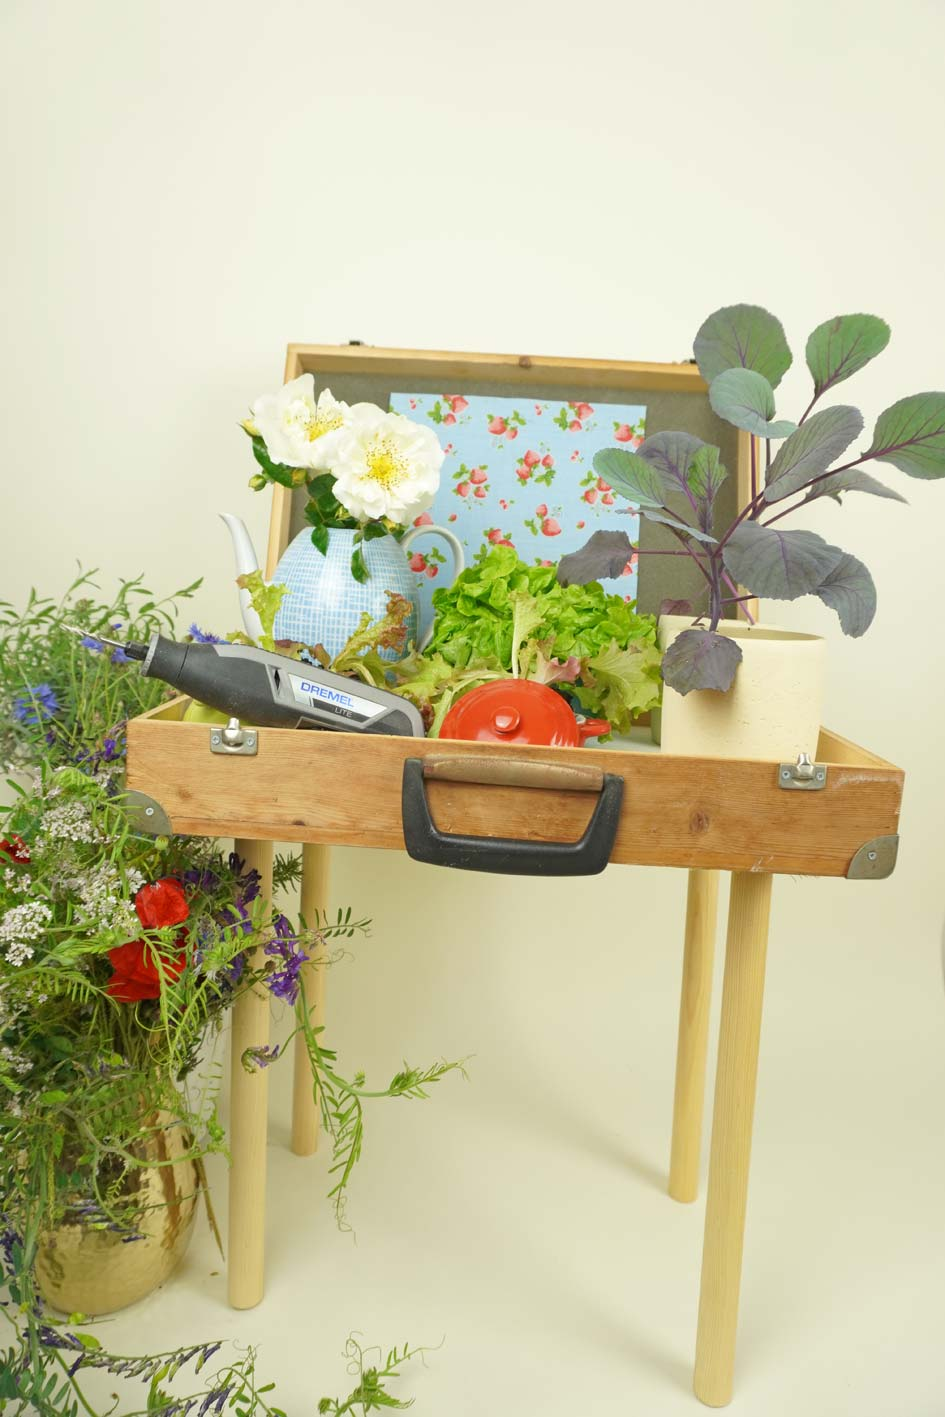 Pflanztisch: Upcycling aus einem alten Koffer, DIY mit Holz und Dremel Lite